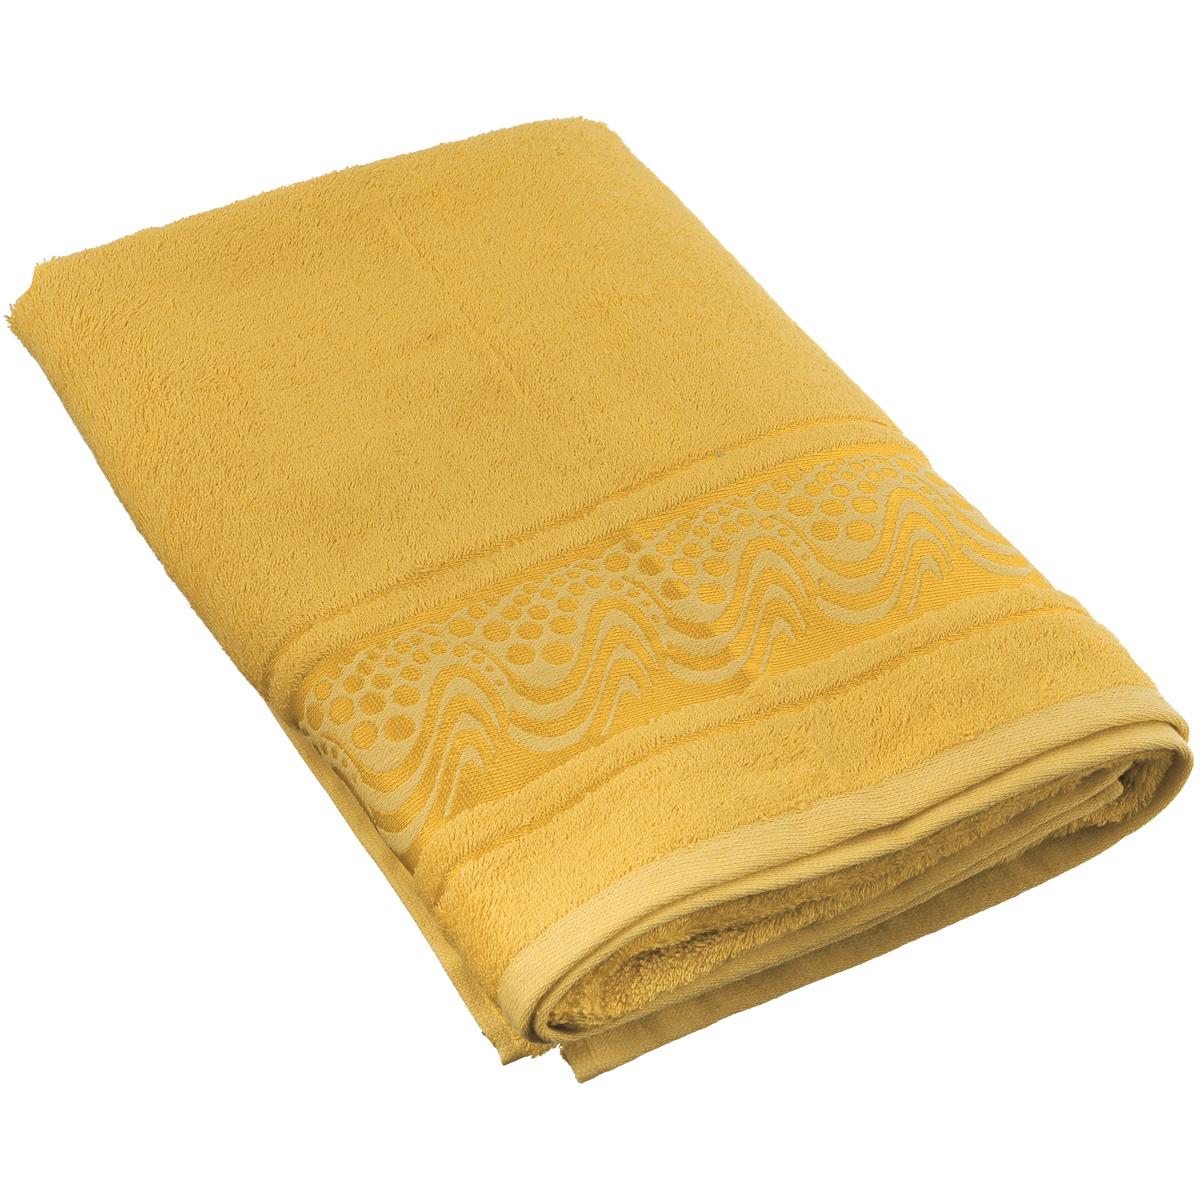 Полотенце Mariposa Aqua, цвет: золотистый, 70 см х 140 см531-105Полотенце Mariposa Aqua, изготовленное из 60% бамбука и 40% хлопка, подарит массу положительных эмоций и приятных ощущений.Полотенца из бамбука только издали похожи на обычные. На самом деле, при первом же прикосновении вы ощутите невероятную мягкость и шелковистость. Таким полотенцем не нужно вытираться - только коснитесь кожи - и ткань сама все впитает! Несмотря на богатую плотность и высокую петлю полотенца, оно быстро сохнет, остается легким даже при намокании.Полотенце оформлено волнистым рисунком. Благородный тон создает уют и подчеркивает лучшие качества махровой ткани. Полотенце Mariposa Aqua станет достойным выбором для вас и приятным подарком для ваших близких.Размер полотенца: 70 см х 140 см.